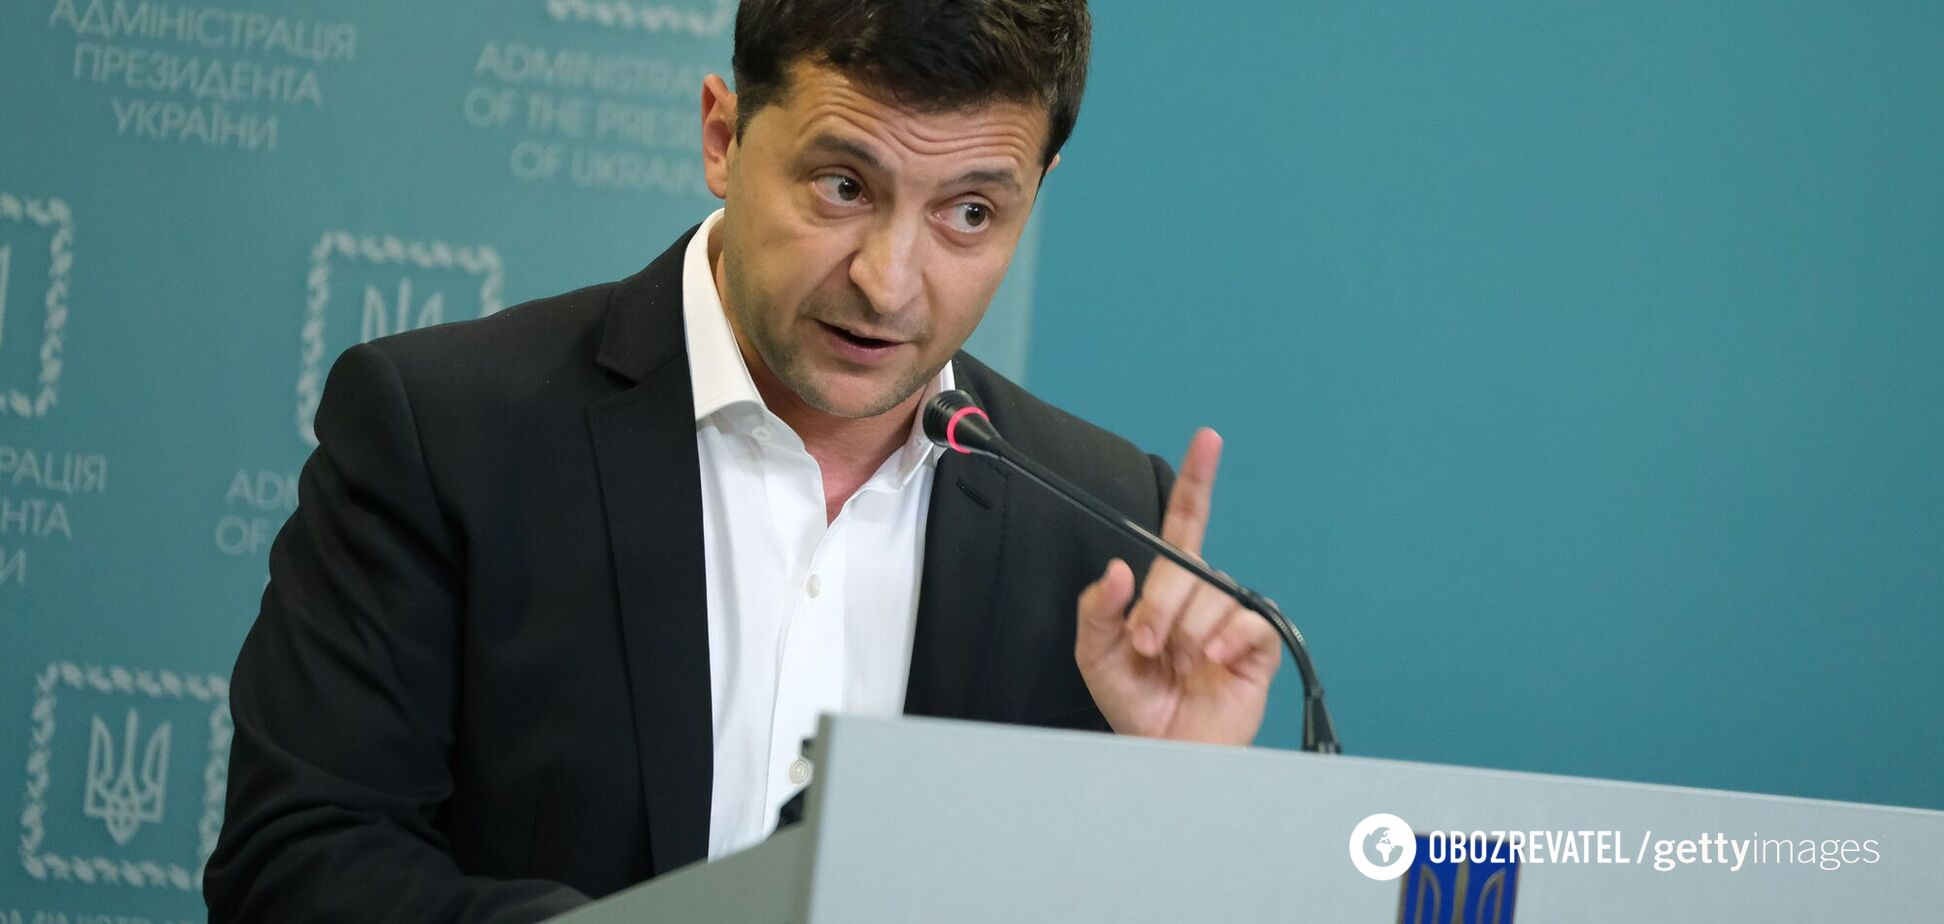 Зеленський назвав 'Північний потік-2' зброєю проти України